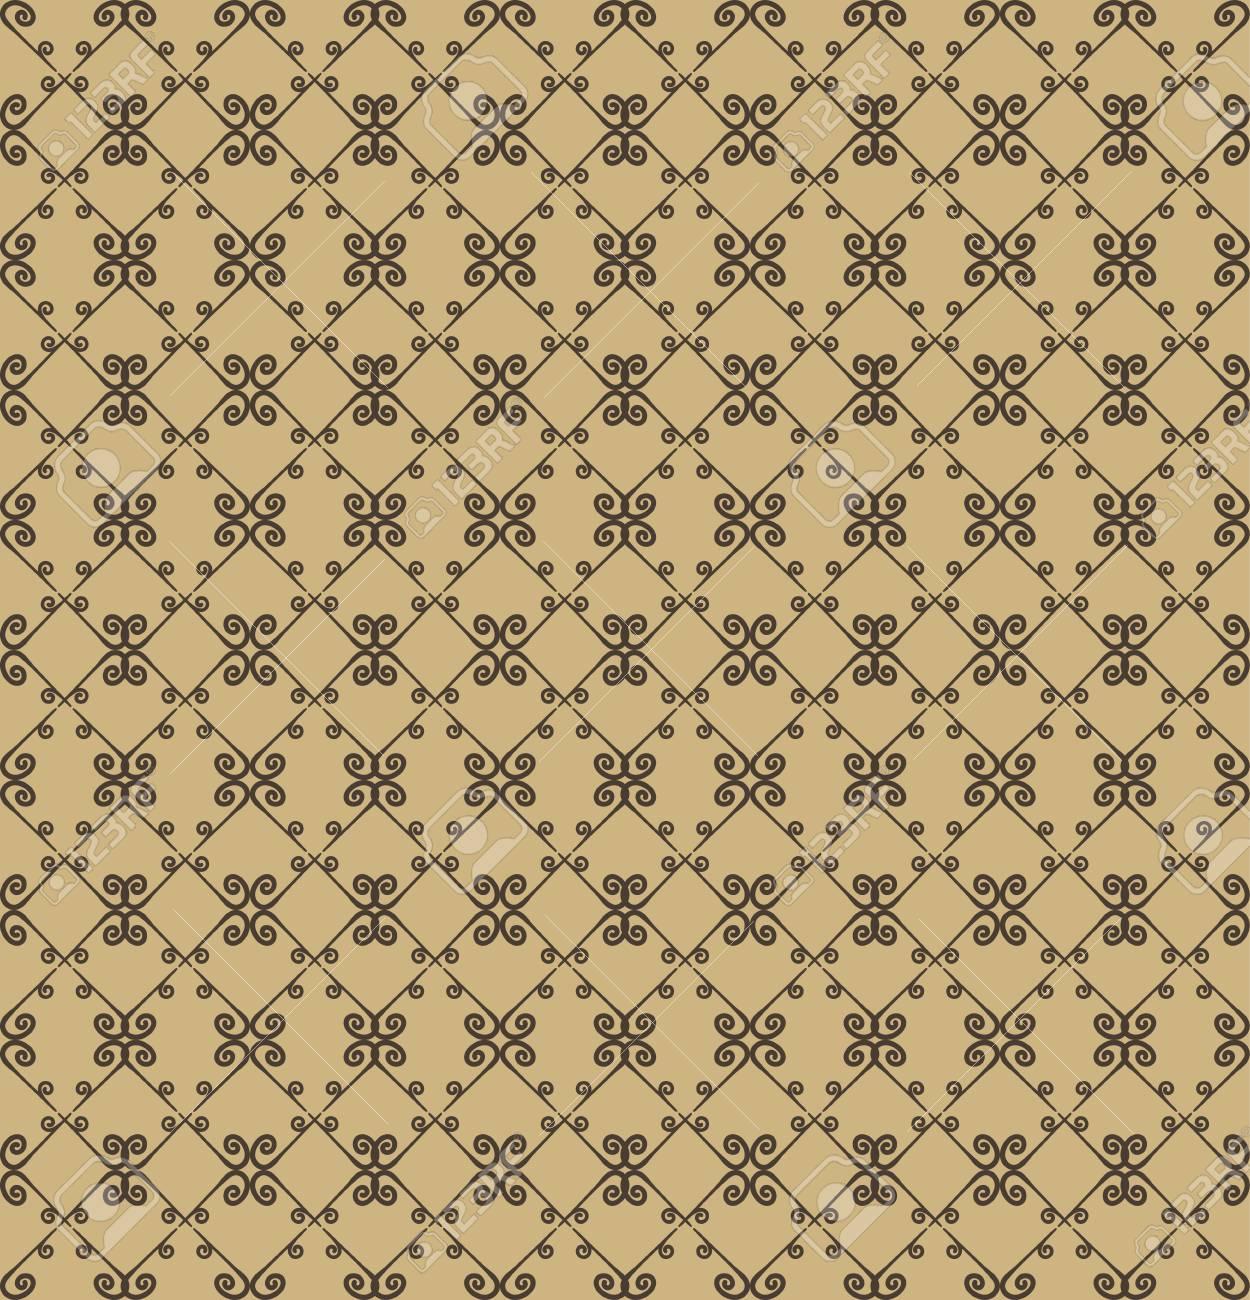 Fantastisch Dekoratives Nahtloses Muster. Beige Und Braune Farben. Endlose Vorlage Für  Tapete, Textil,